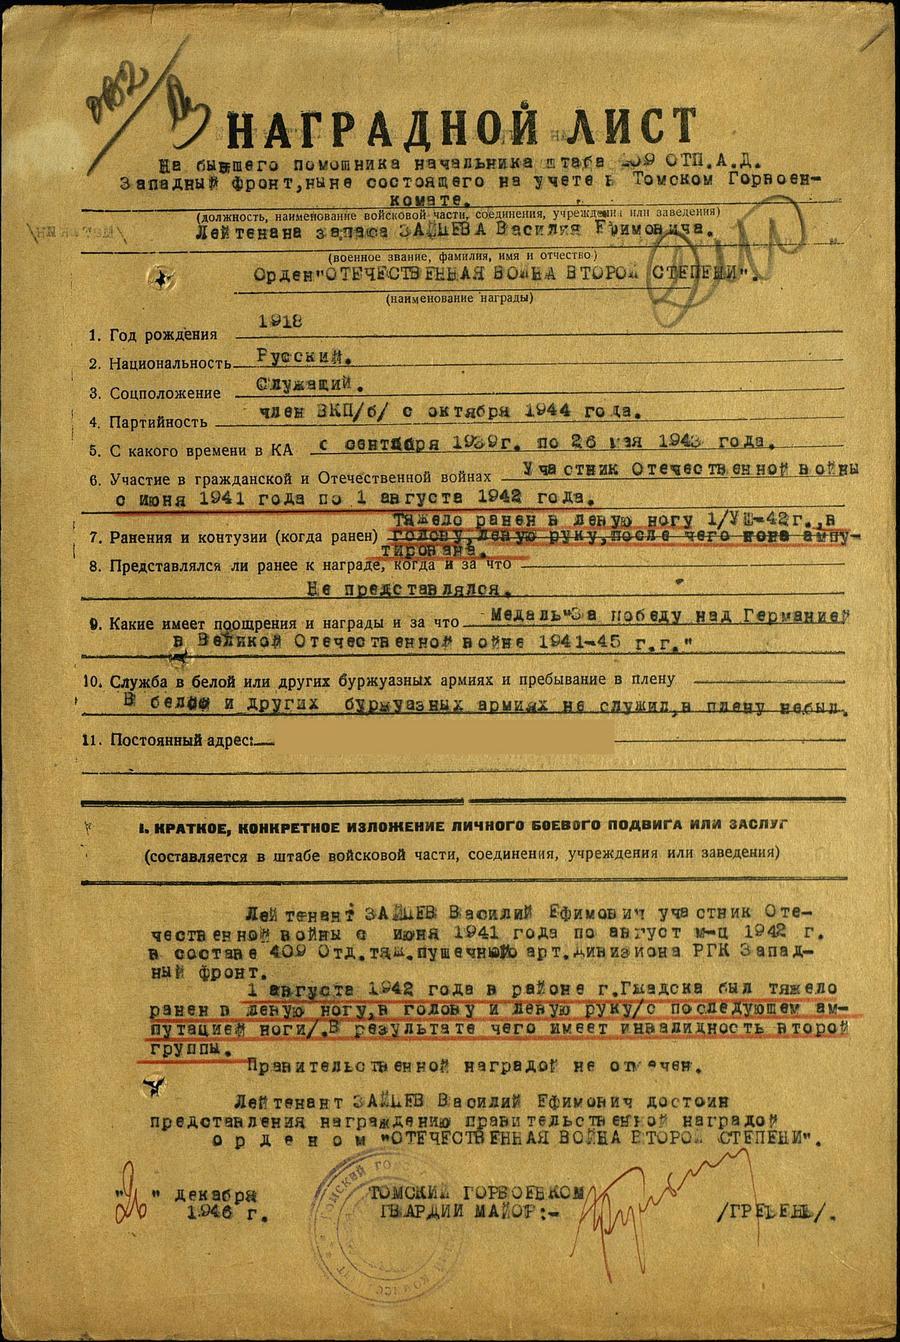 """Наградной лист Зайцева В. Е. 1946 г. // ОБД """"Подвиг народа"""""""